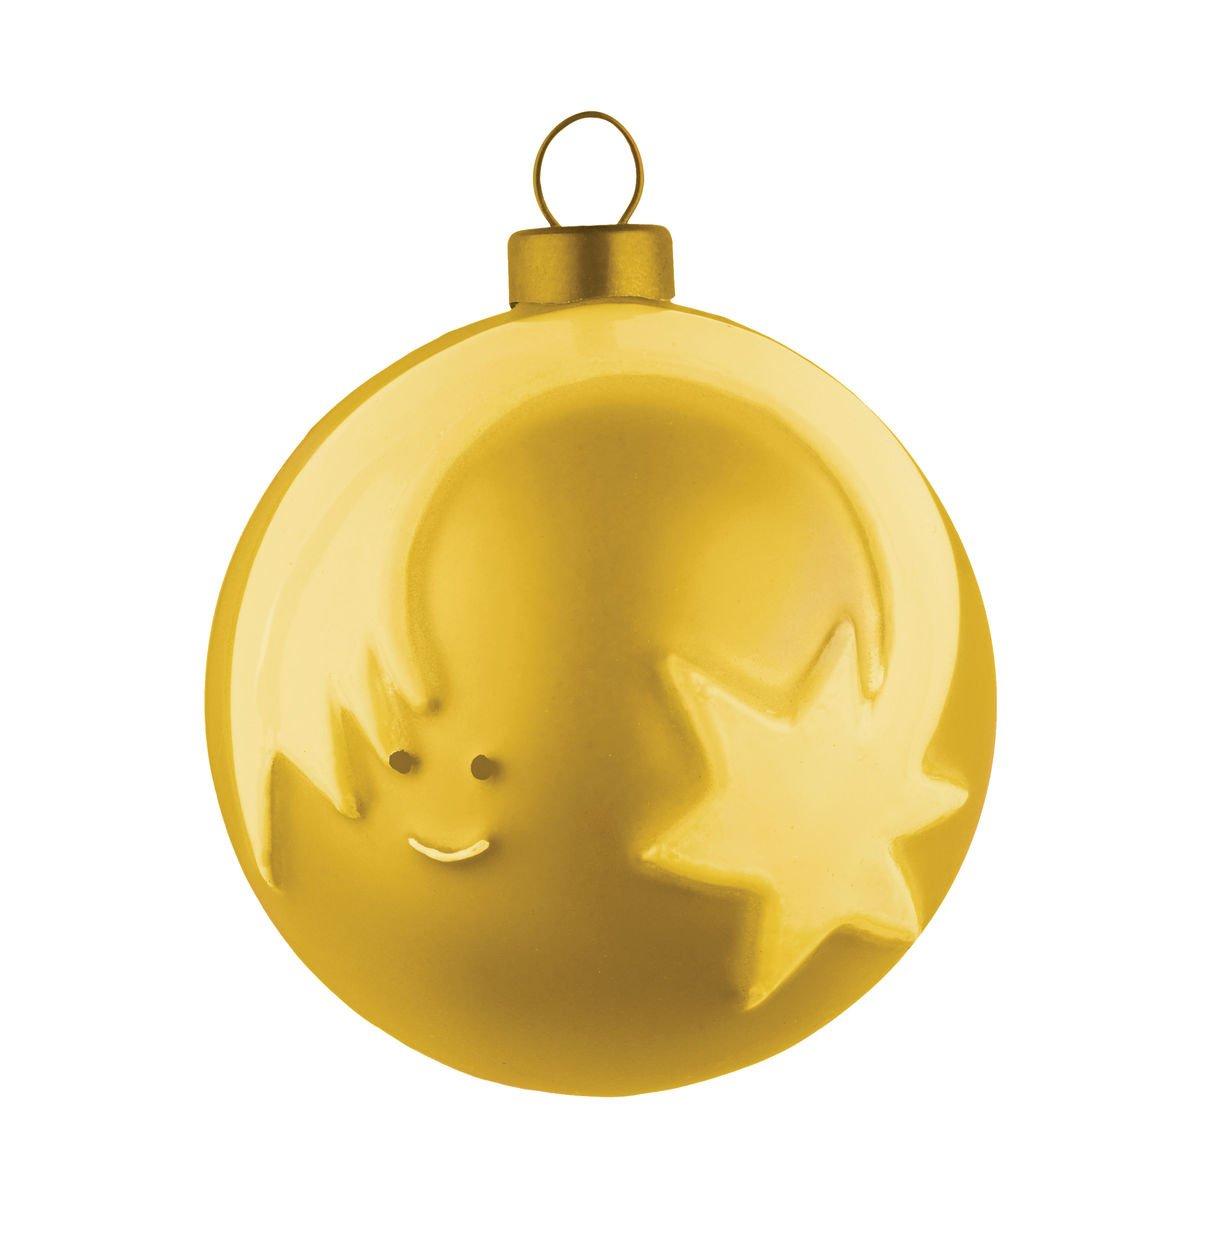 Alessi AMJ13 7 GD Stella Cometa Weihnachtsbaumkugel 4 Stück aus Glas, Gold